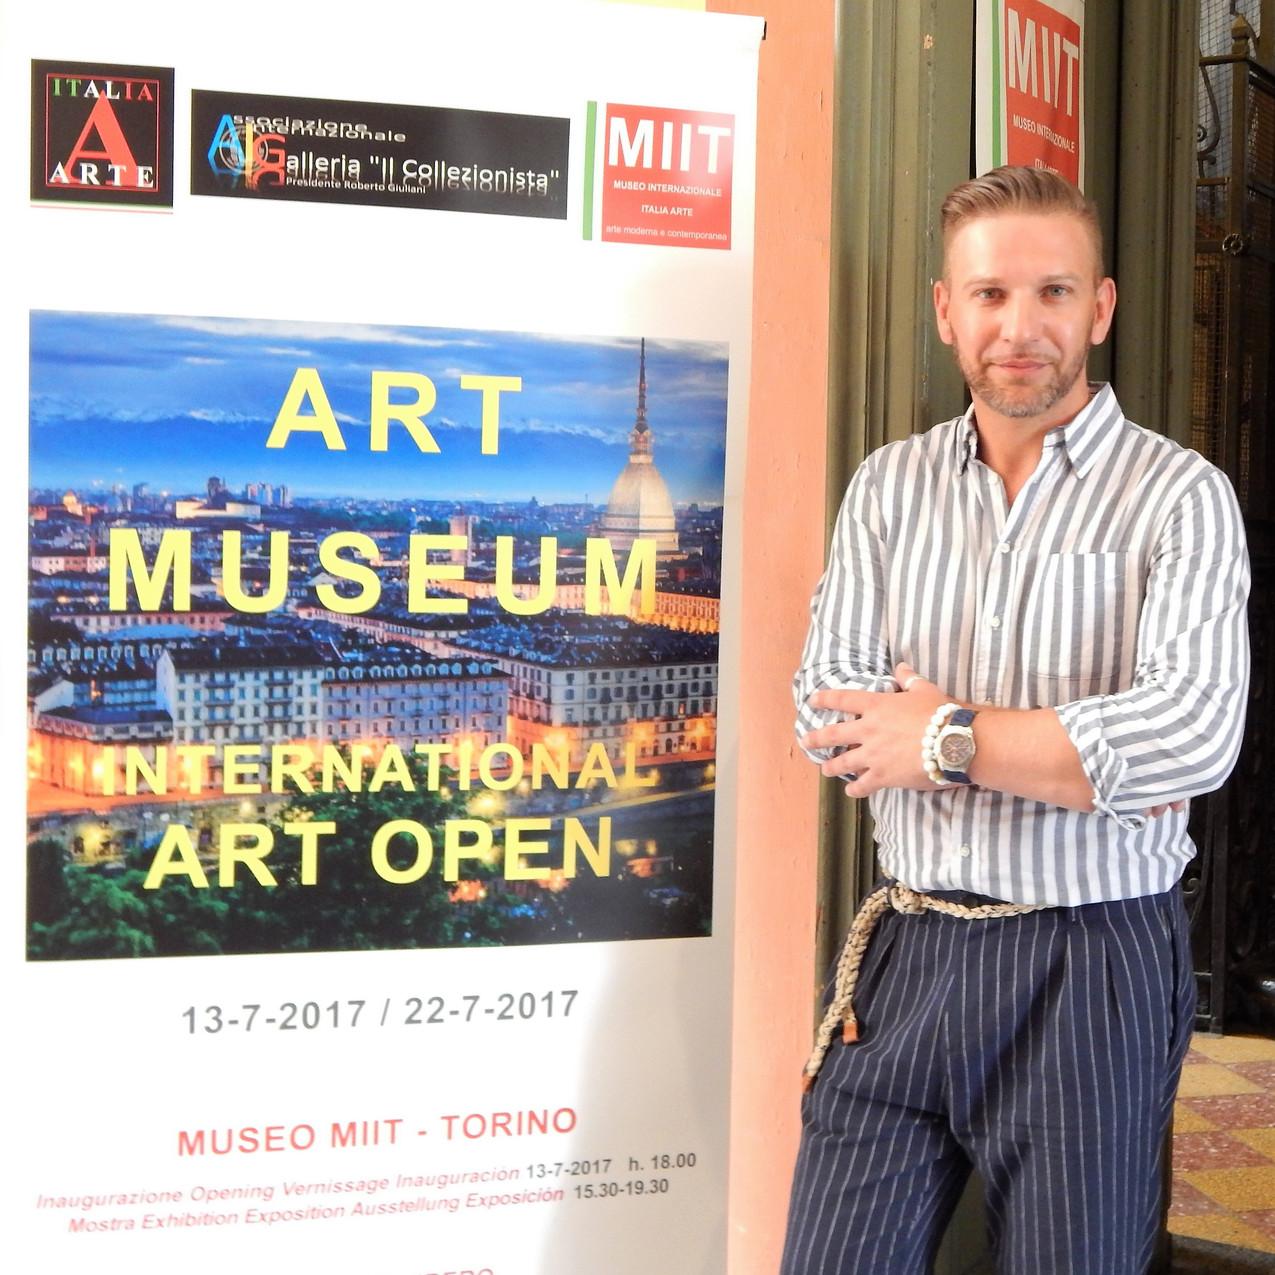 Art museum Torino